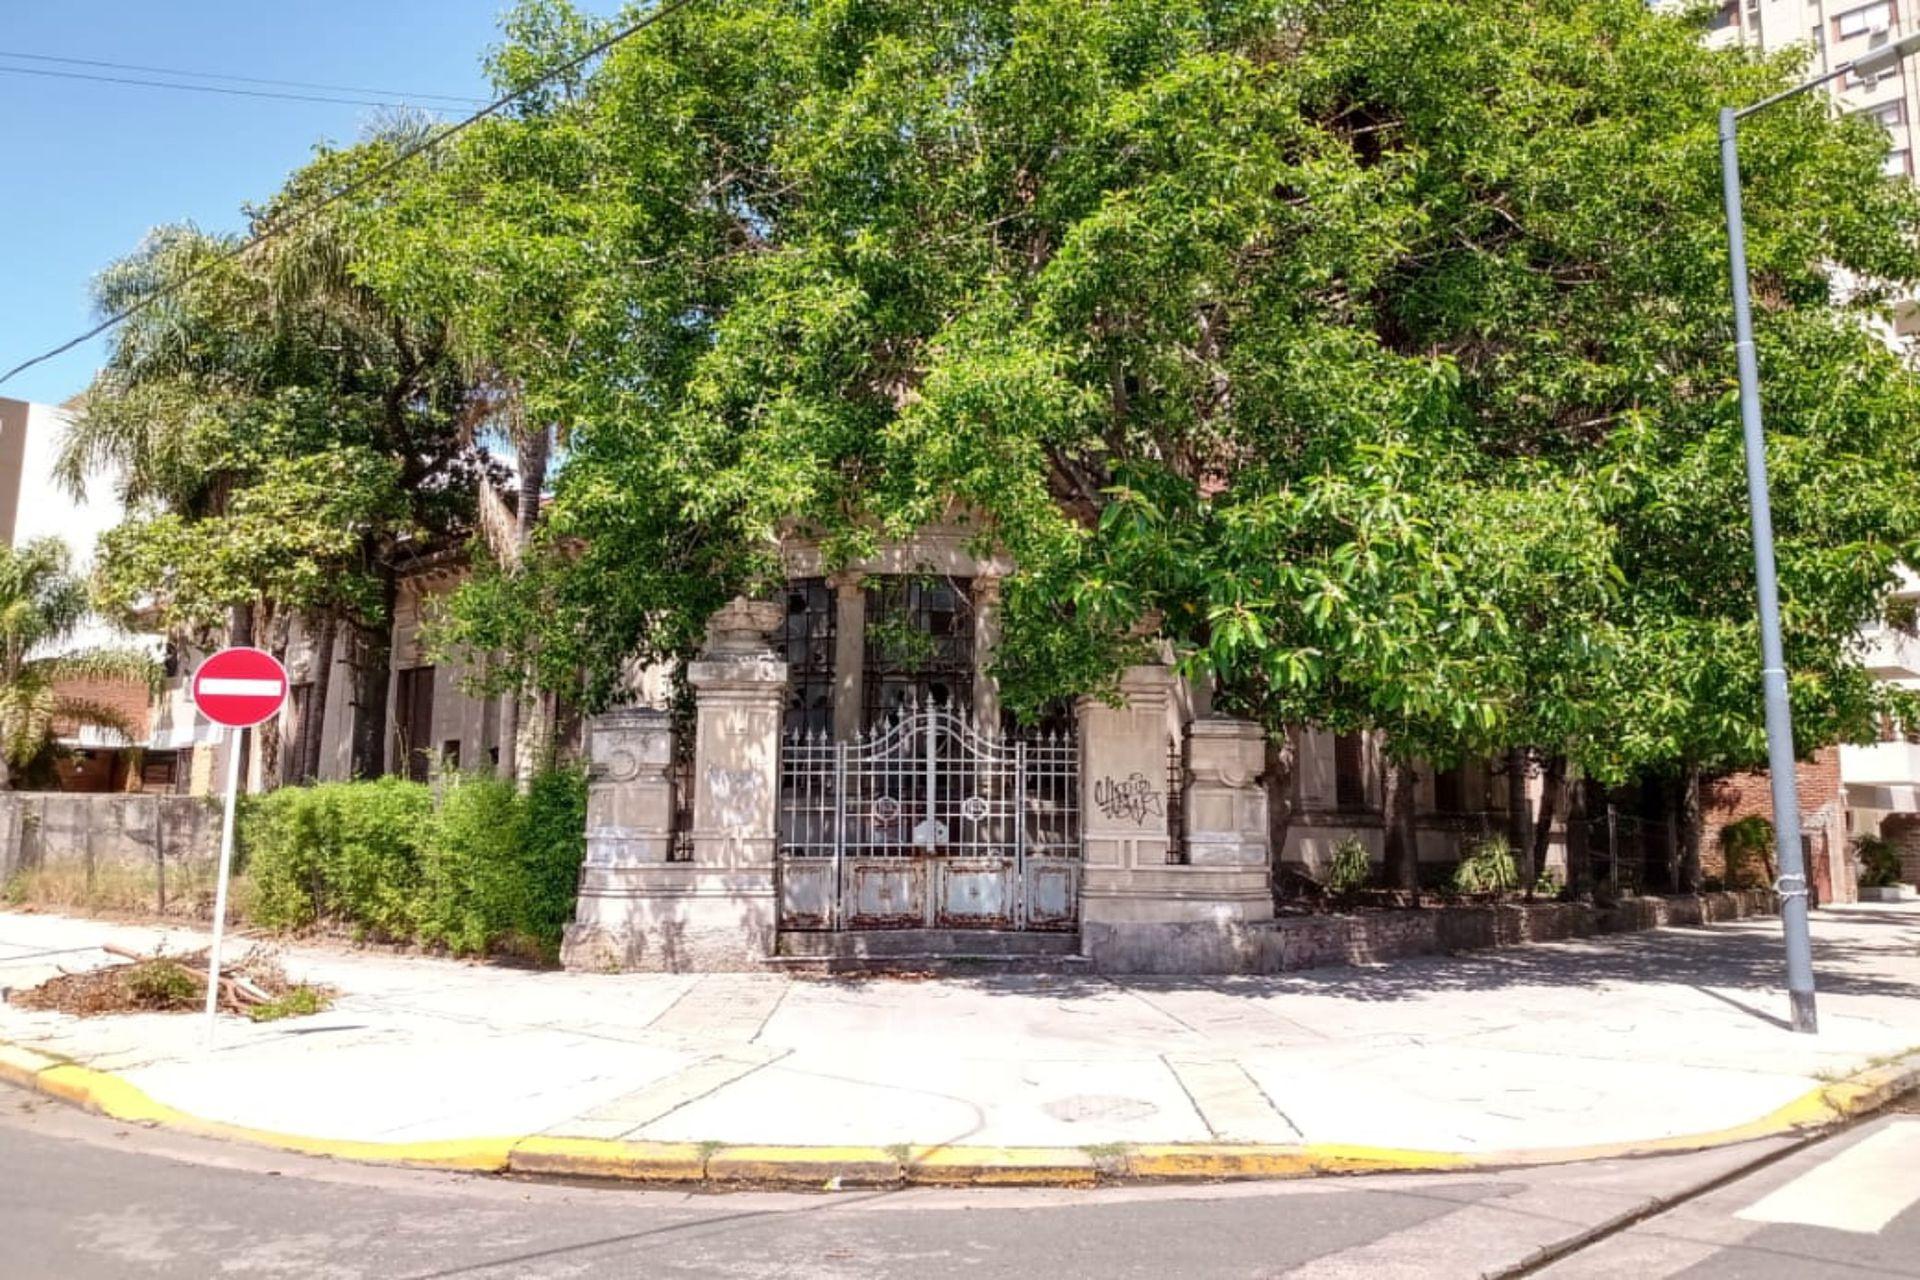 La casa se encontraba rodeada de una antigua arboleda y originariamente ocupaba un cuarto de manzana